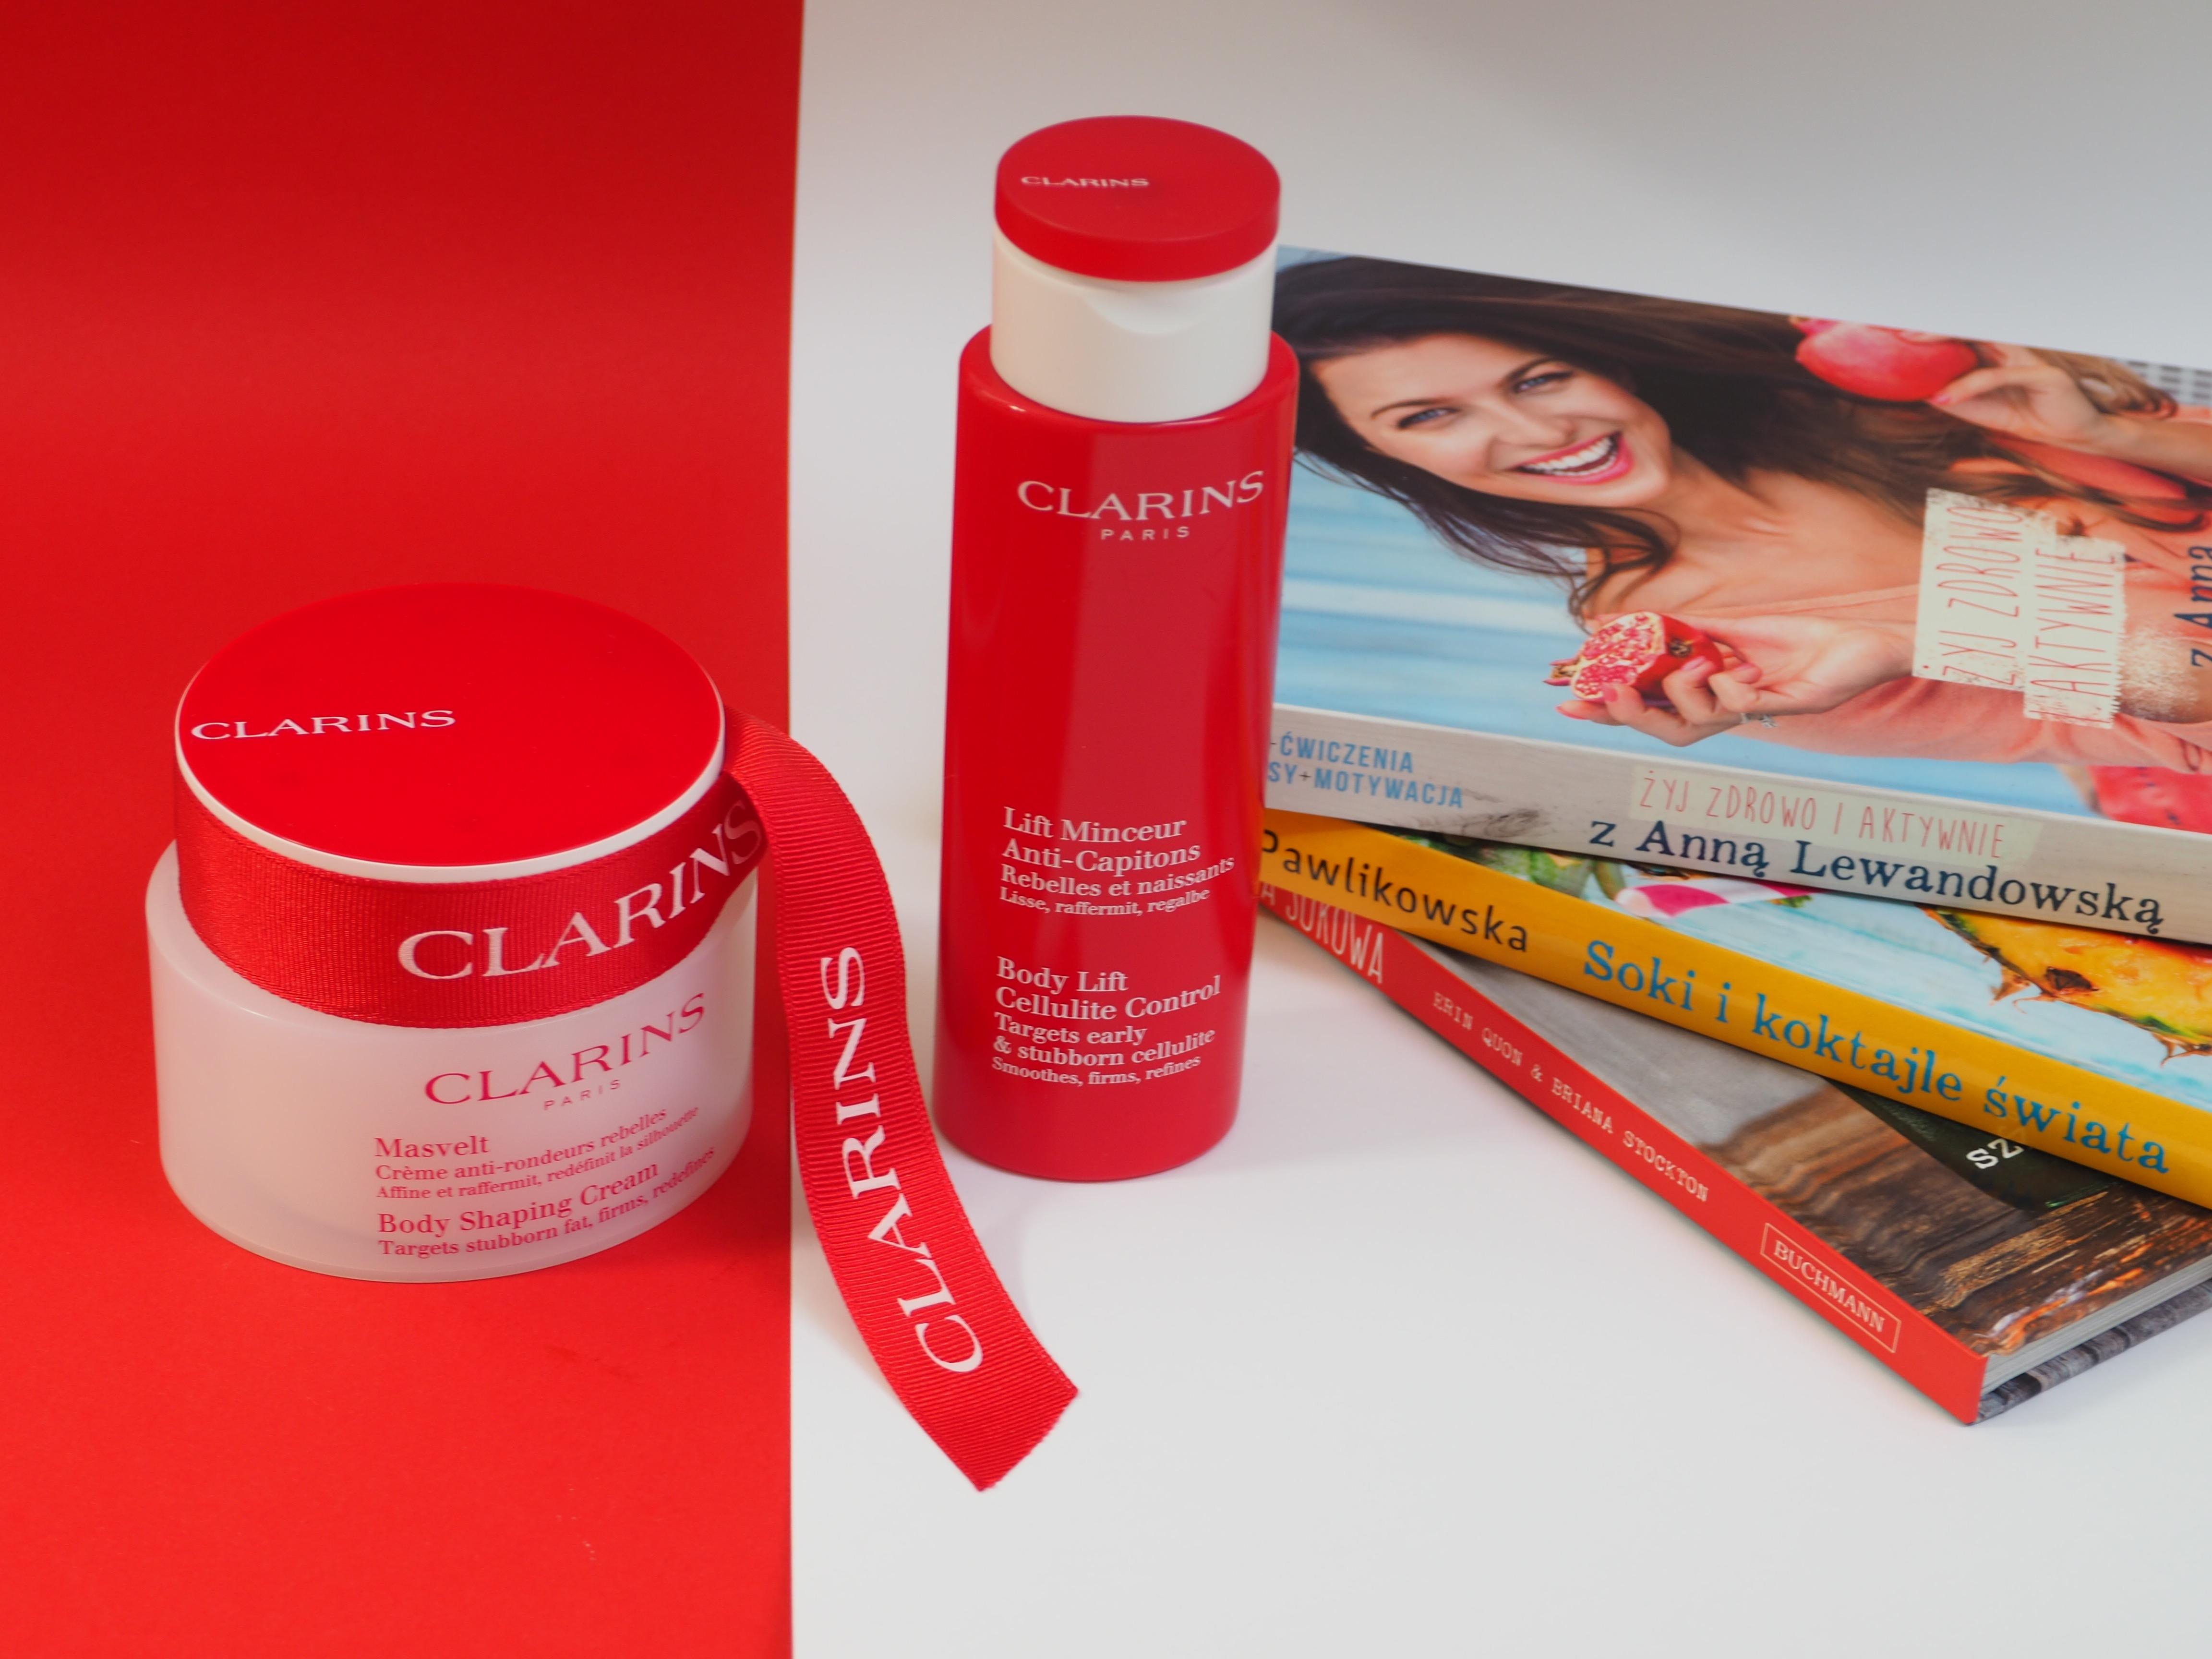 Clarins Masvelt Body Shaping Cream – modelujący krem do ciała